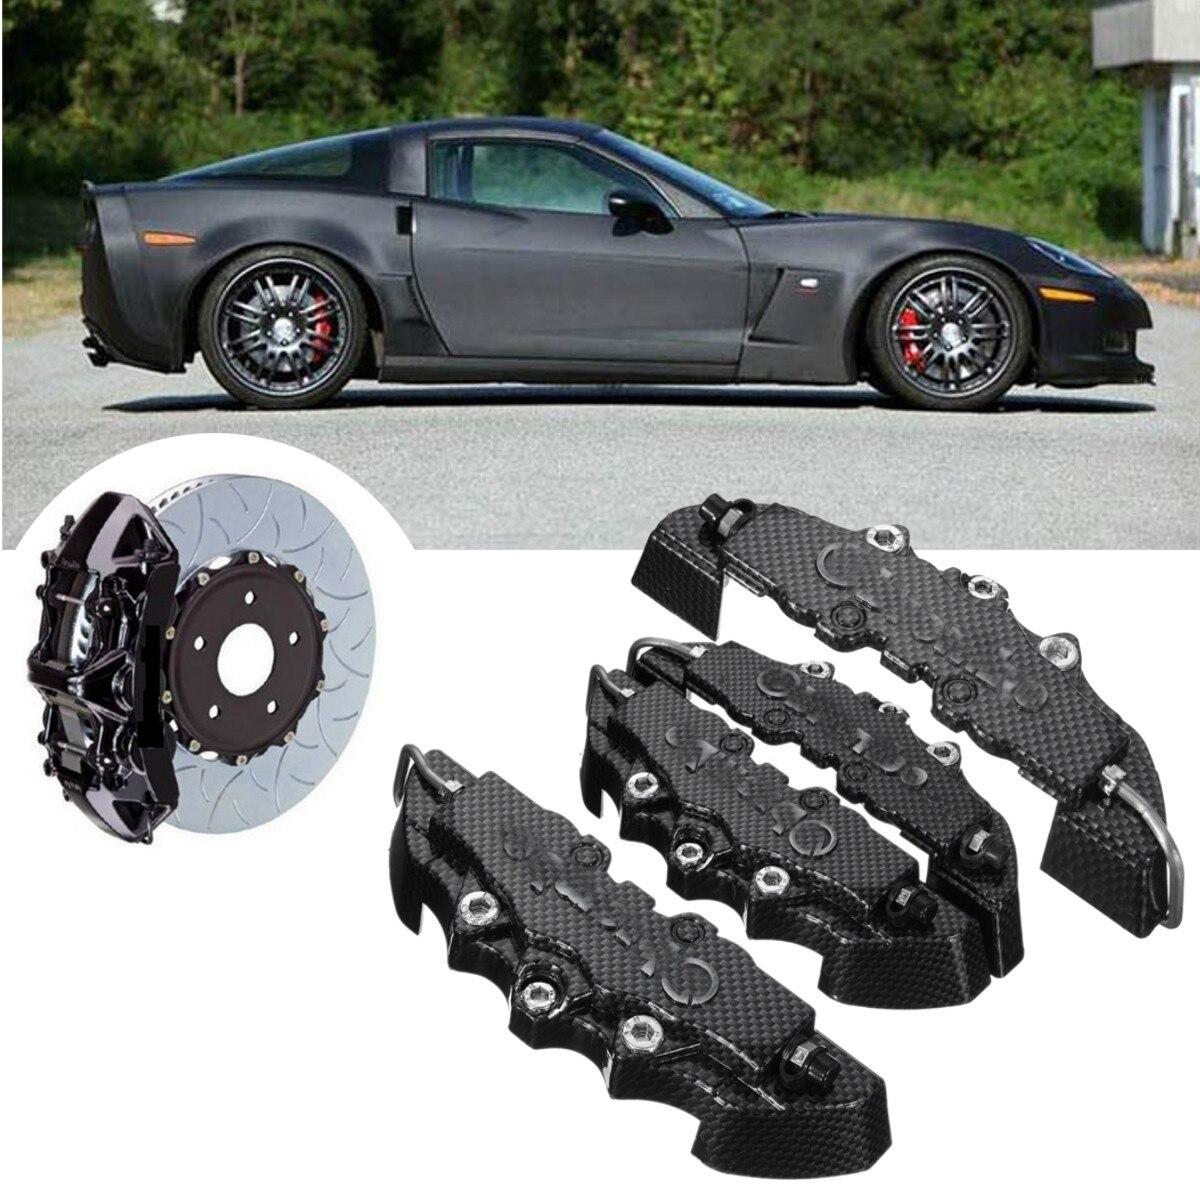 4pcs ABS Anteriore di Alta qualità Posteriore Del Modello Universale A Disco Pinza Freno Copertura Con 3D In Fibra di Carbonio Look M + S Braki